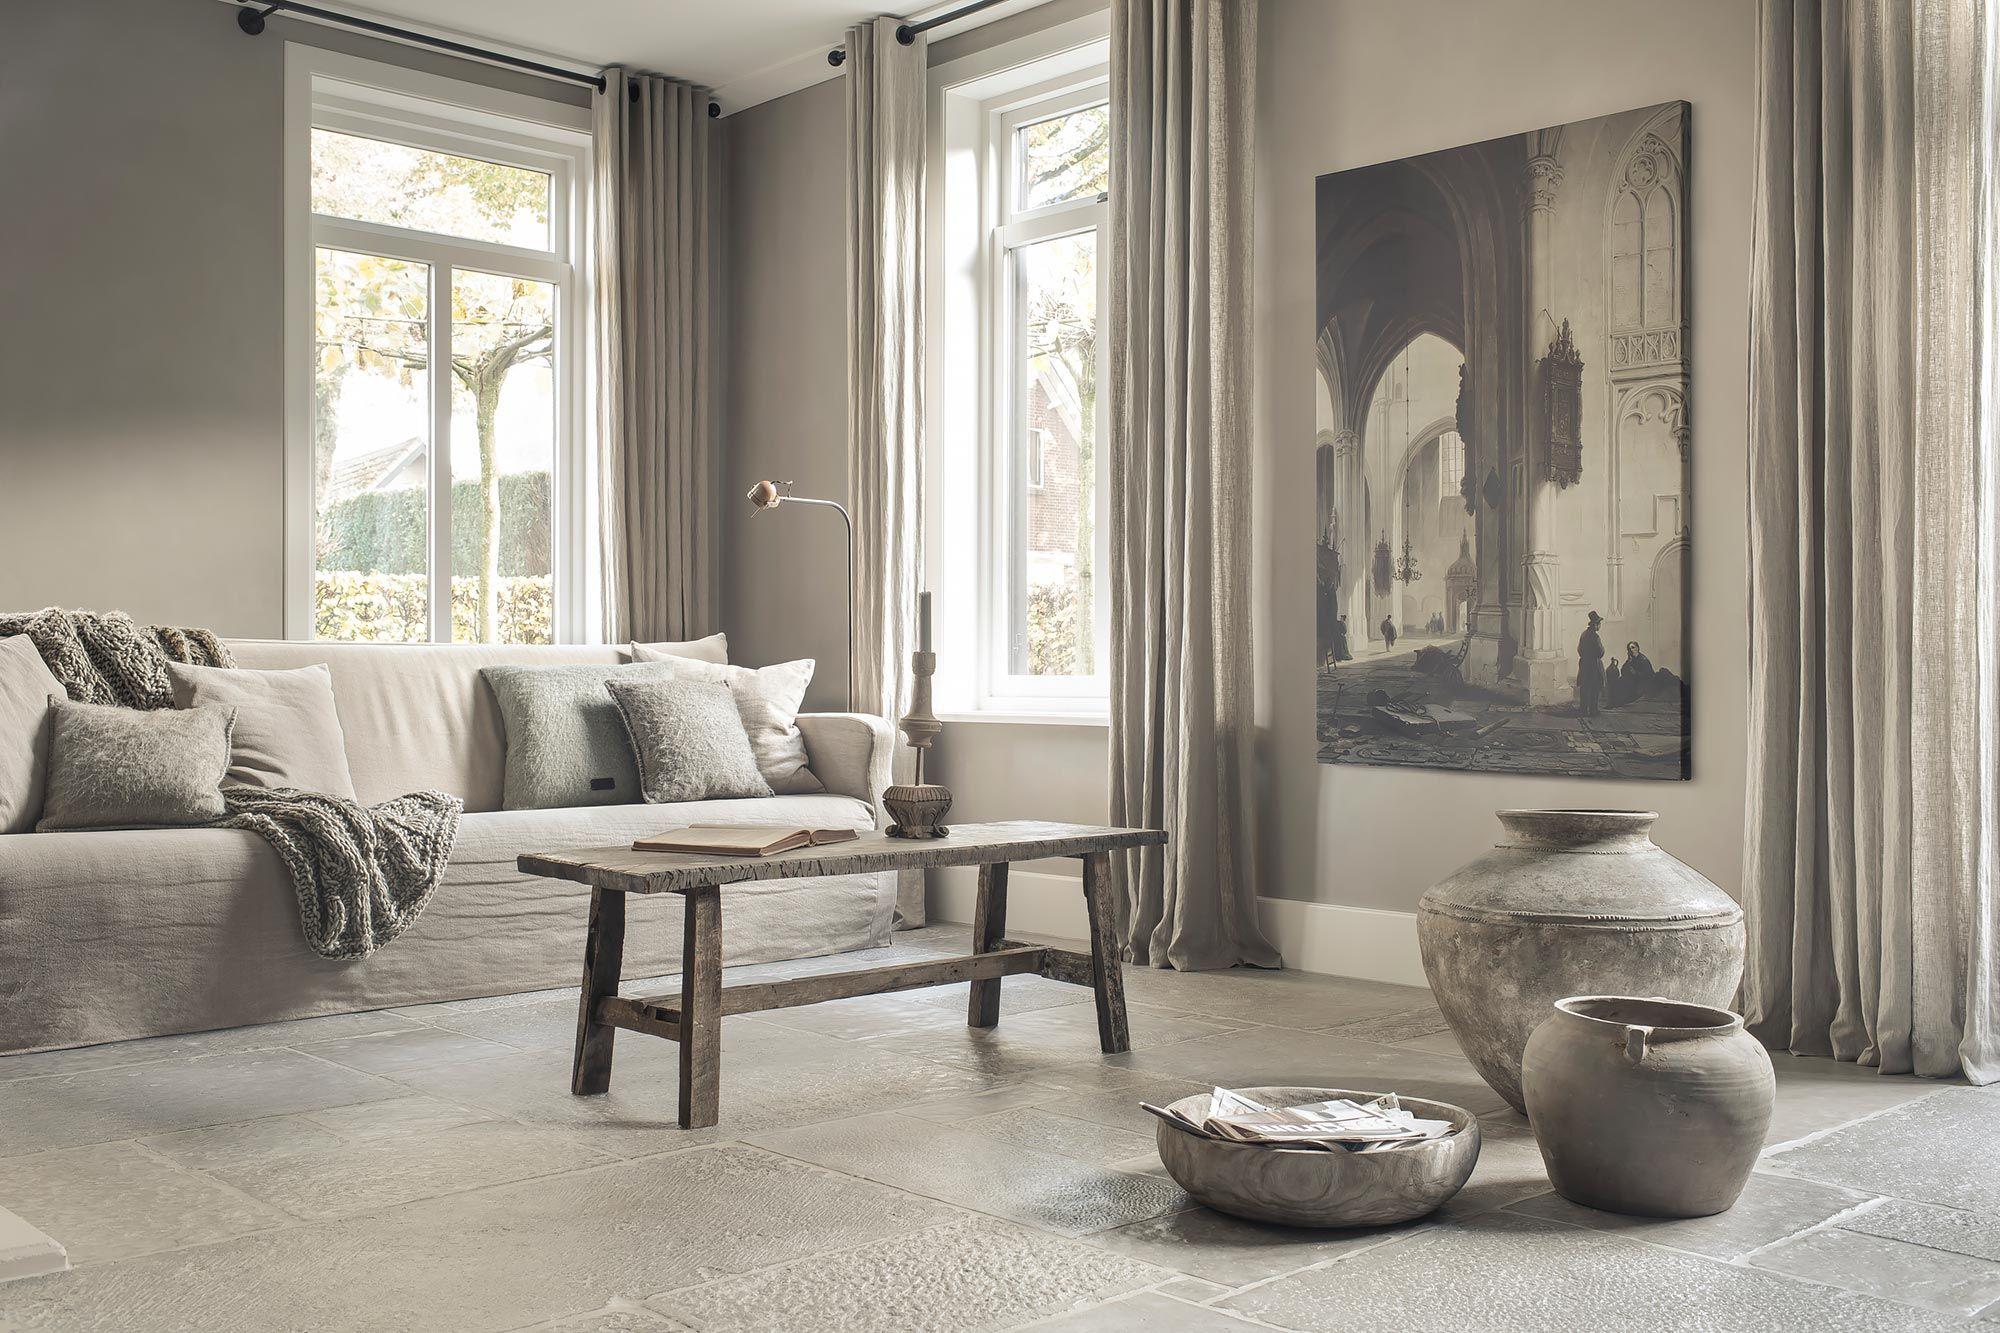 Landelijk Romantisch Interieur : Landelijk romantisch woonkamer mooie mix van stijlen landelijke